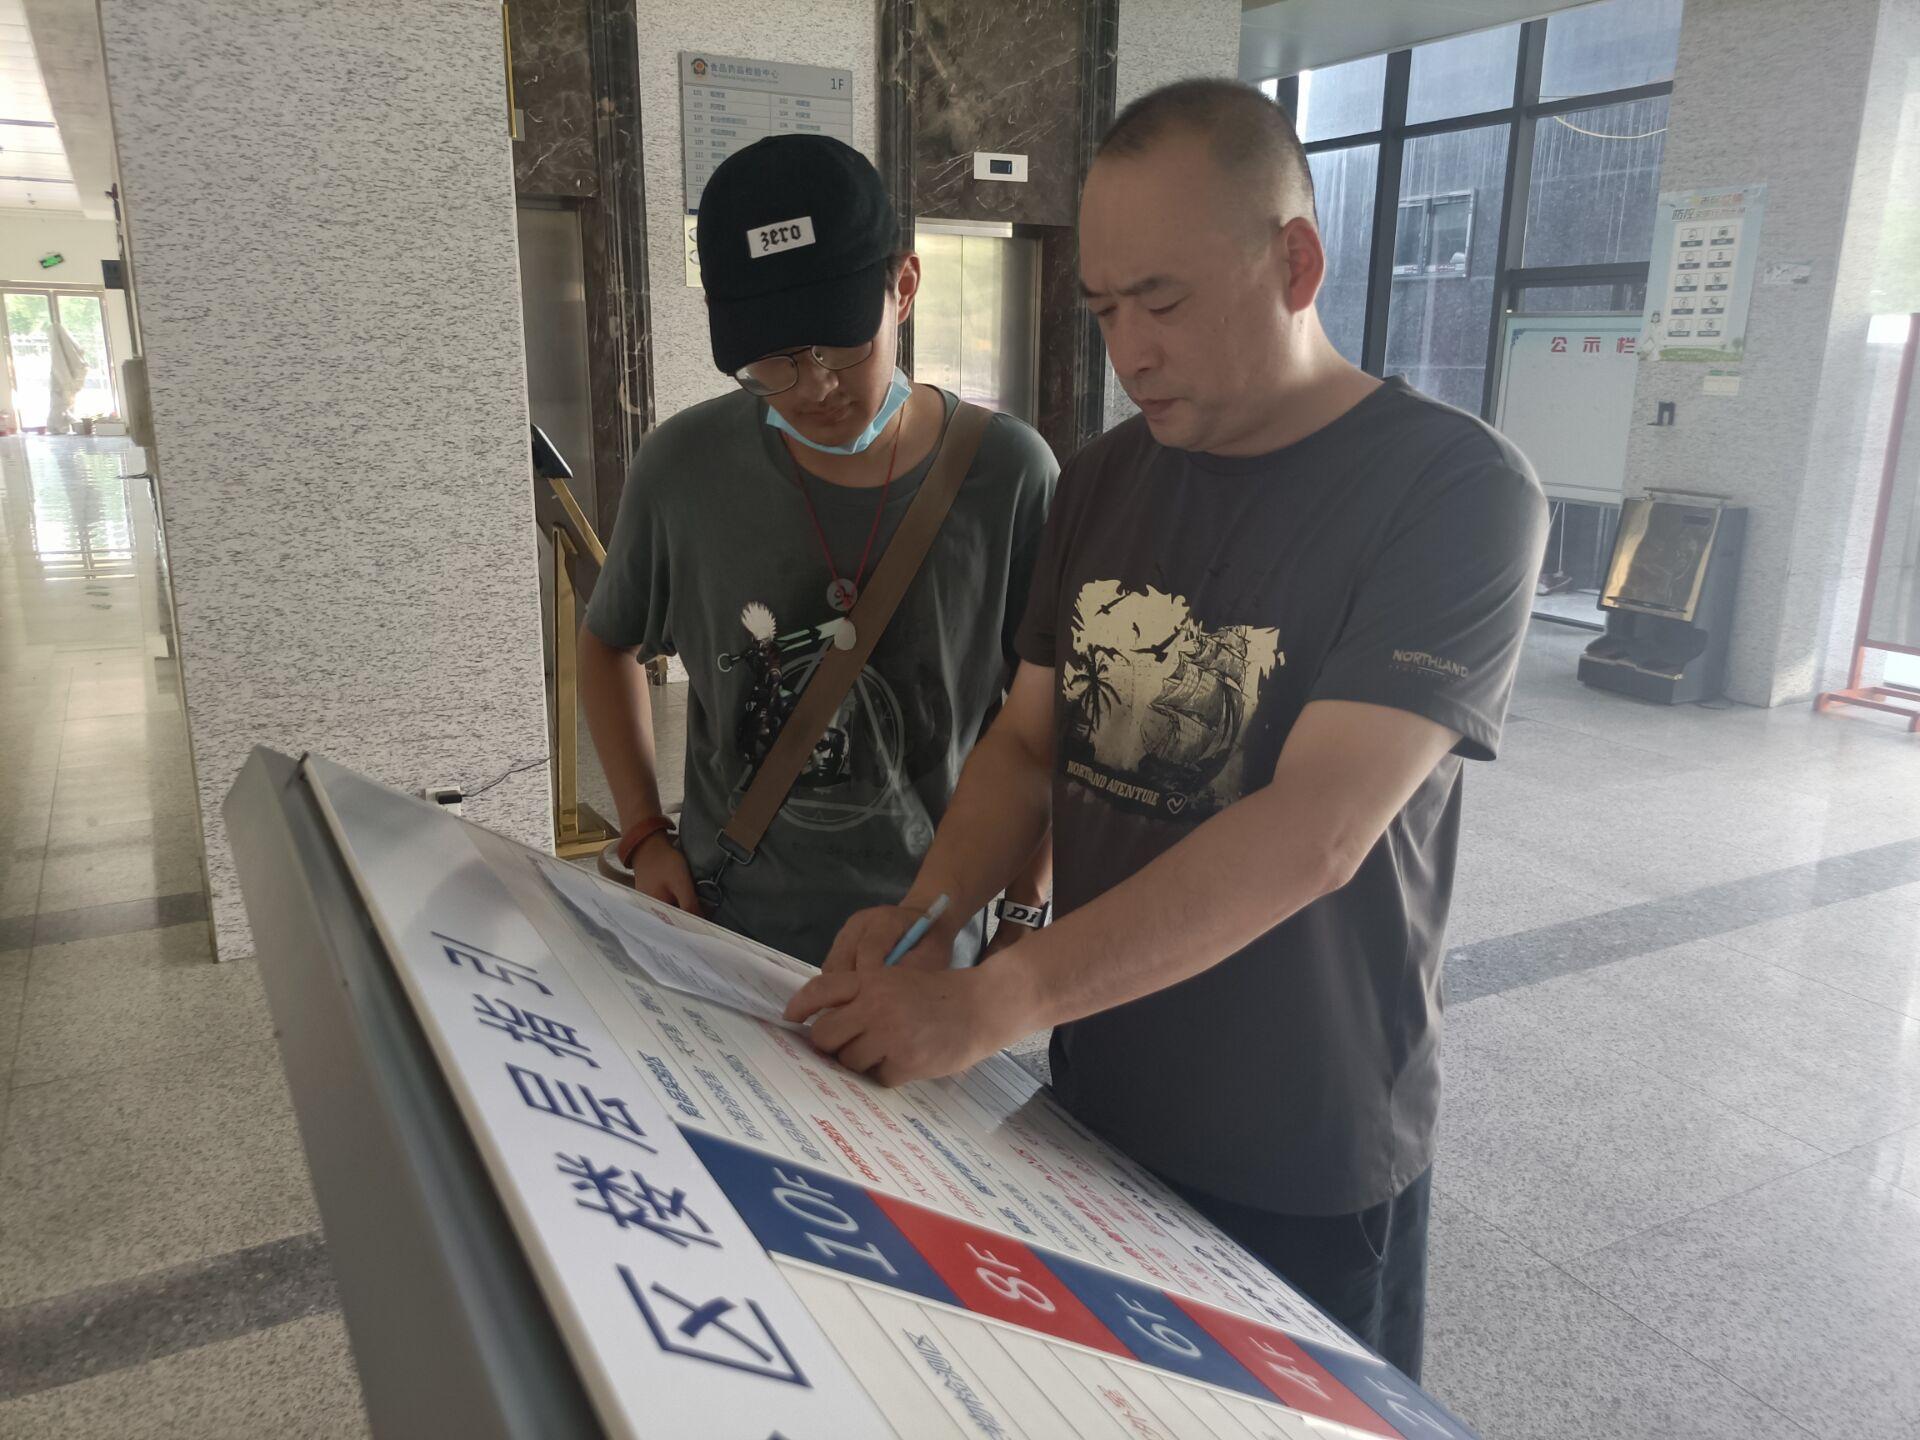 安财探索小队前往蚌埠市乡村振兴局,探索乡村跨境电商的发展情况